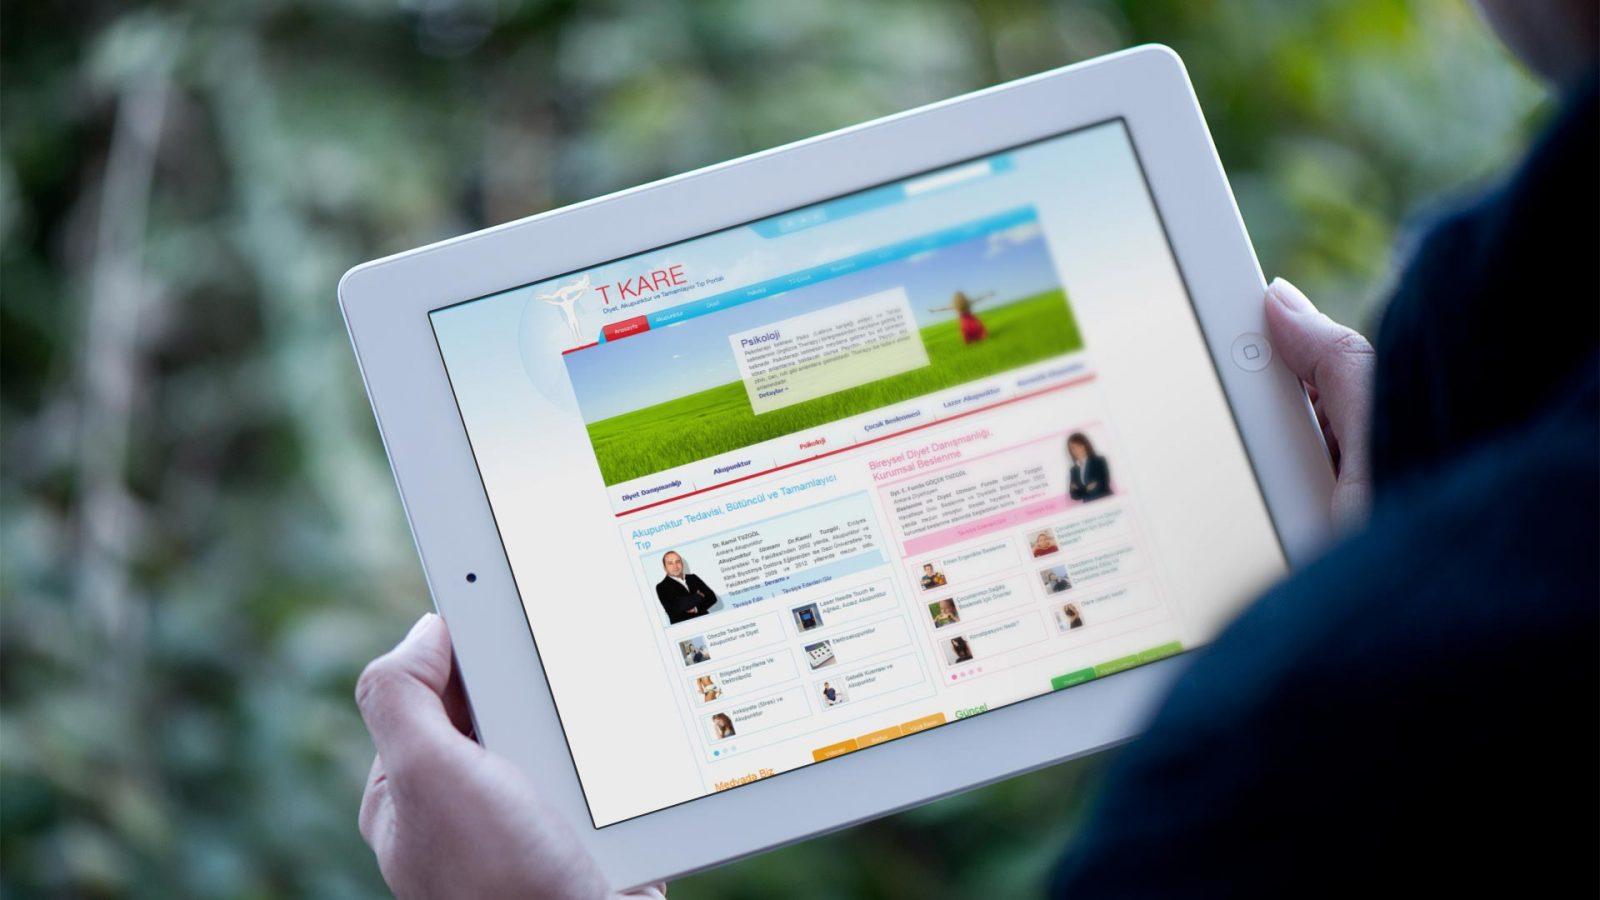 tkare diyet web sitesi tasarımı 02